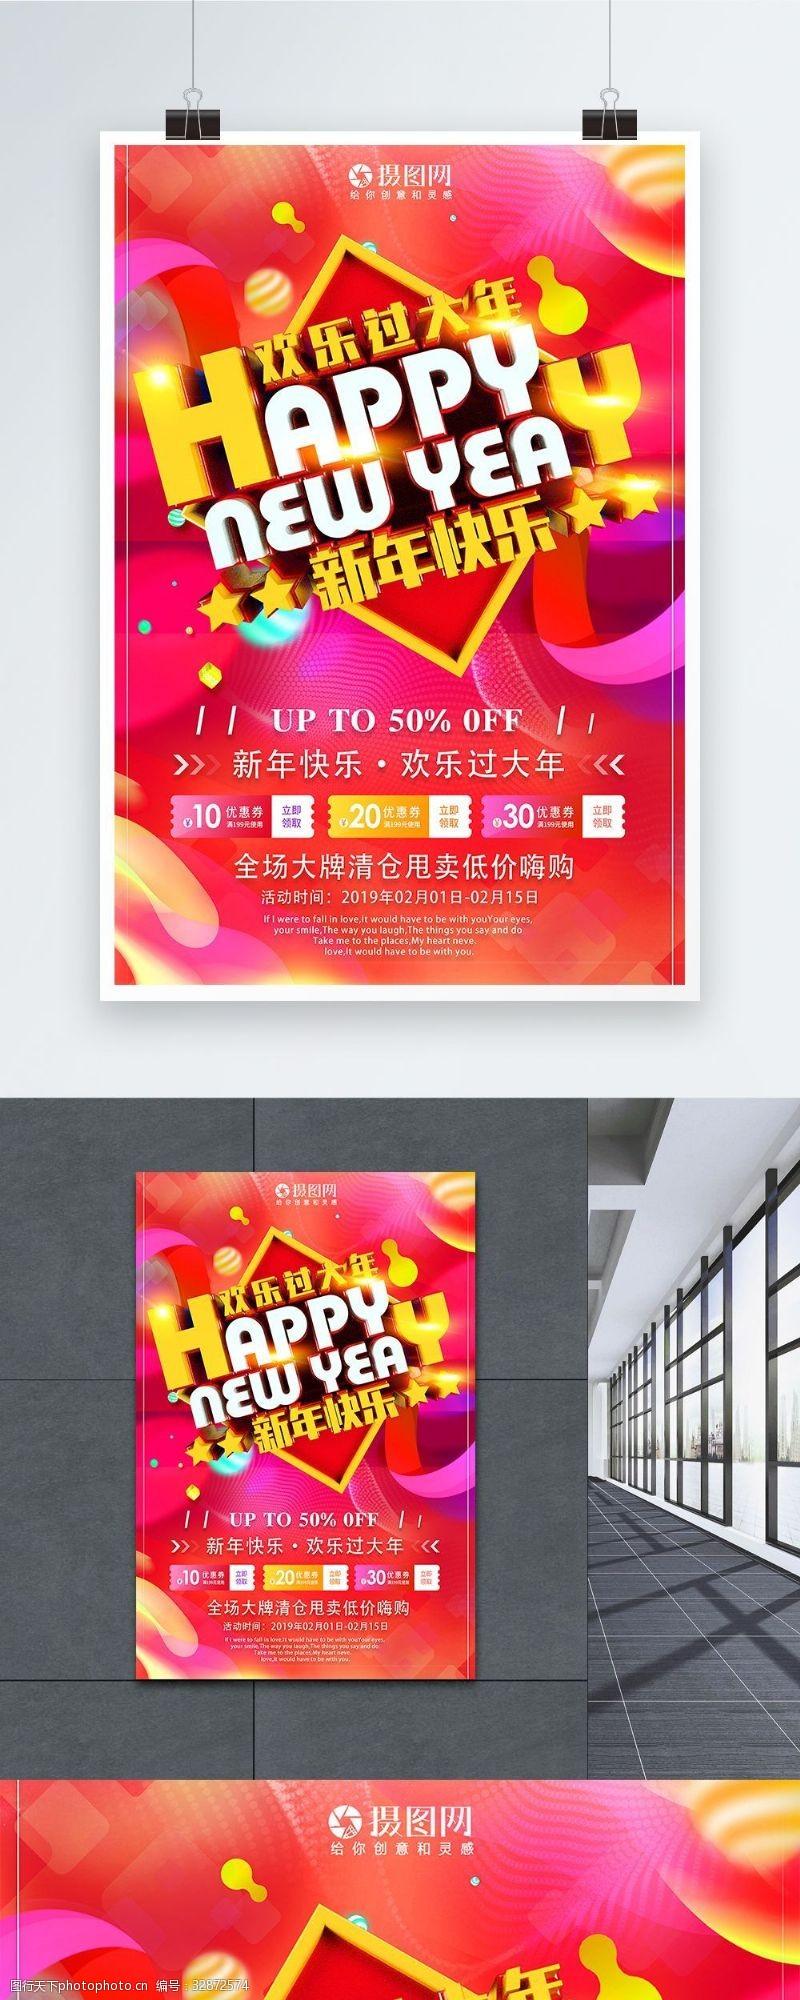 歡樂過大年新年快樂新年促銷海報